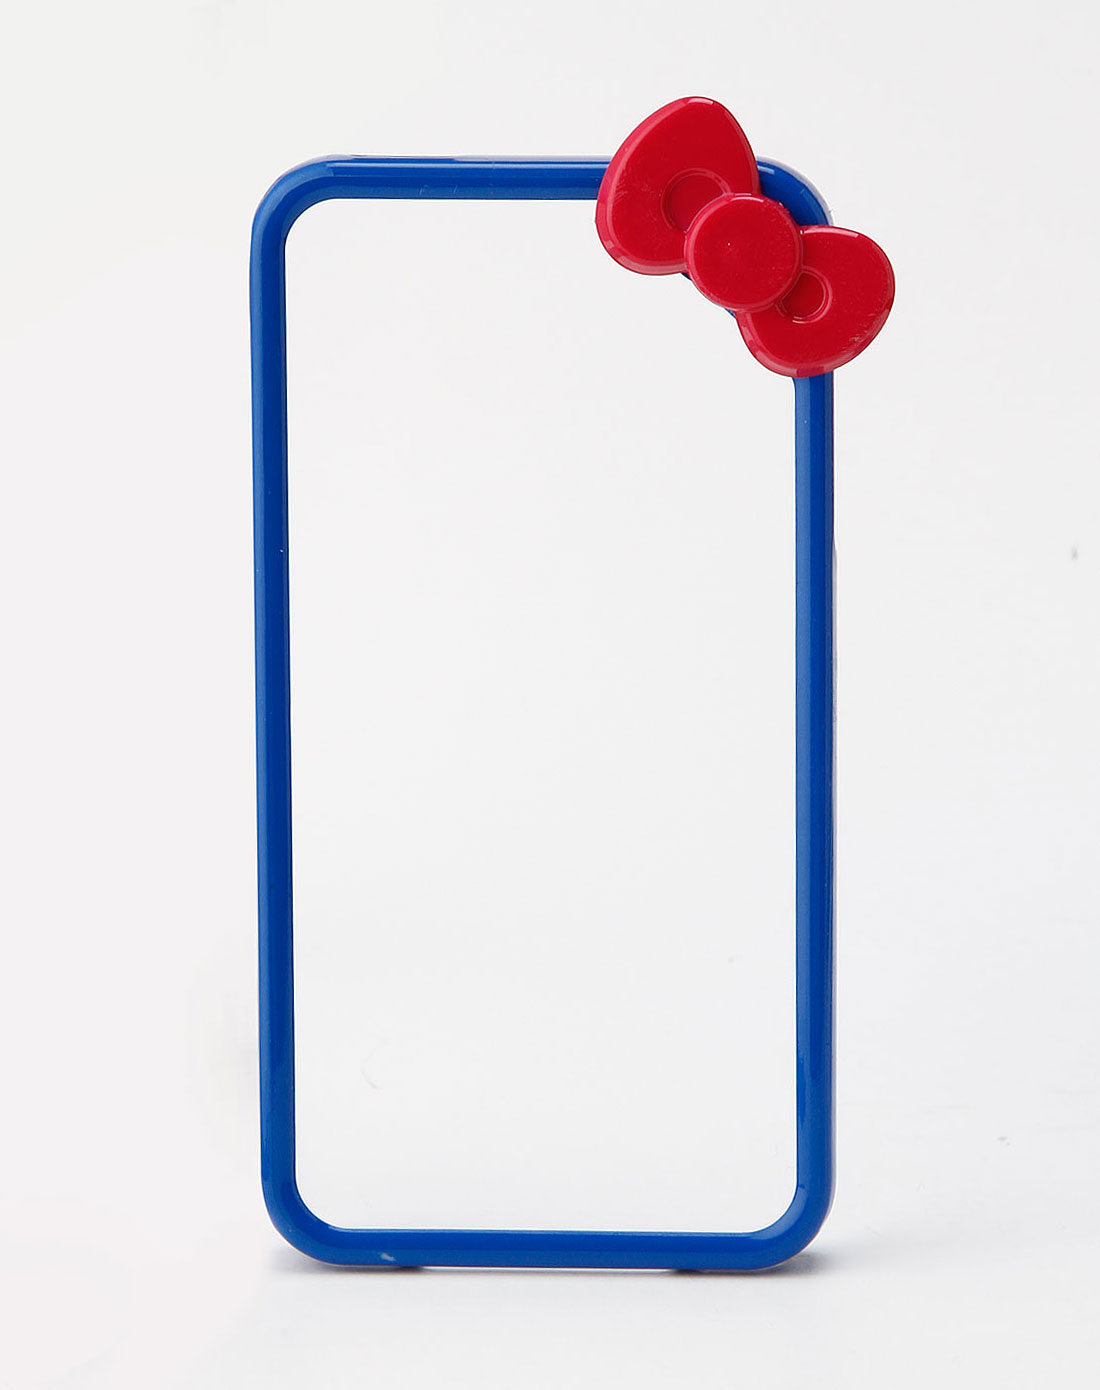 深蓝/枚红色蝴蝶花边框手机壳